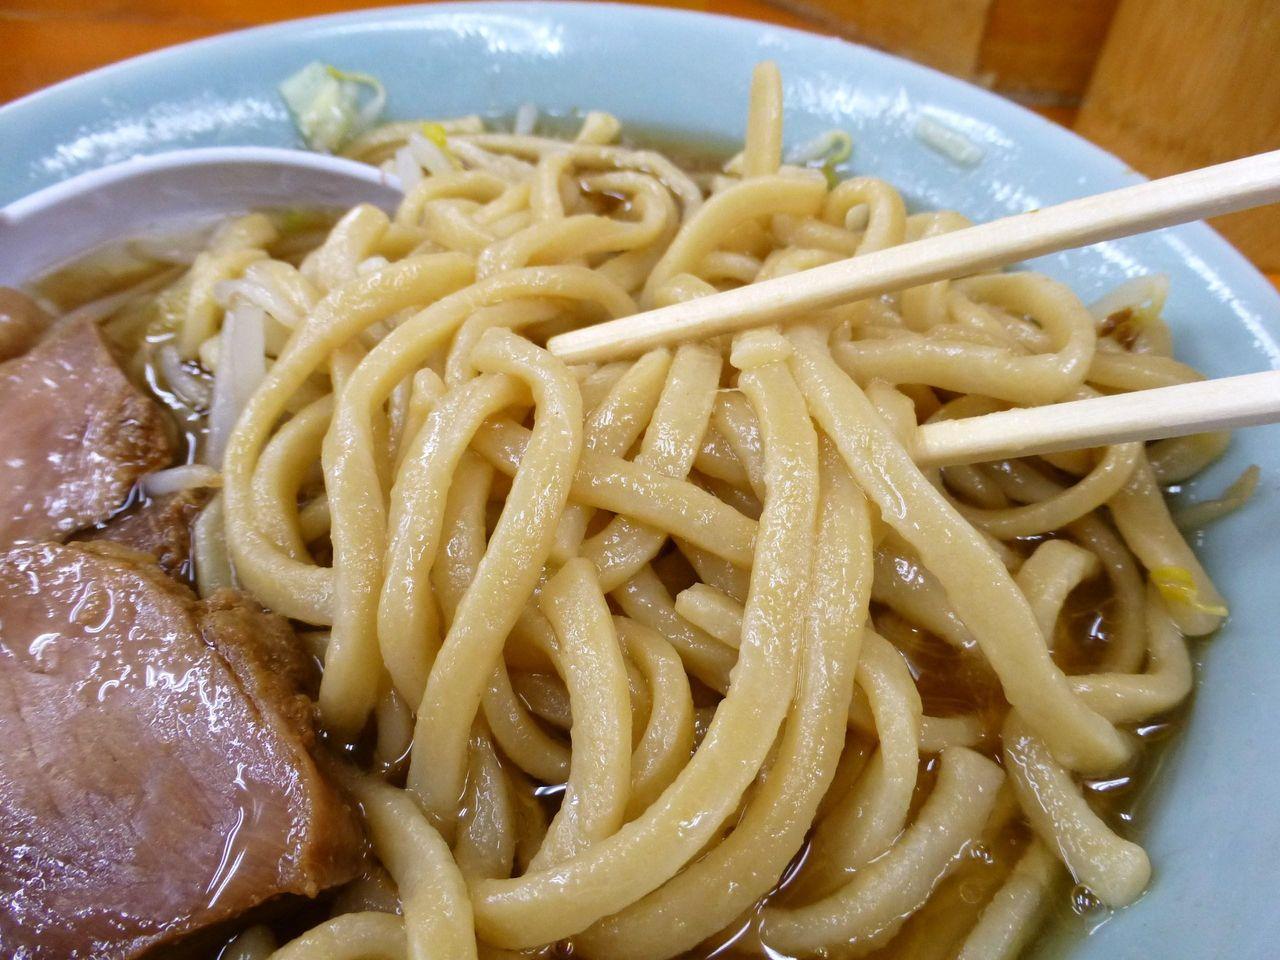 平太麺を勢いよくすすると、スープが服に飛び散ります!